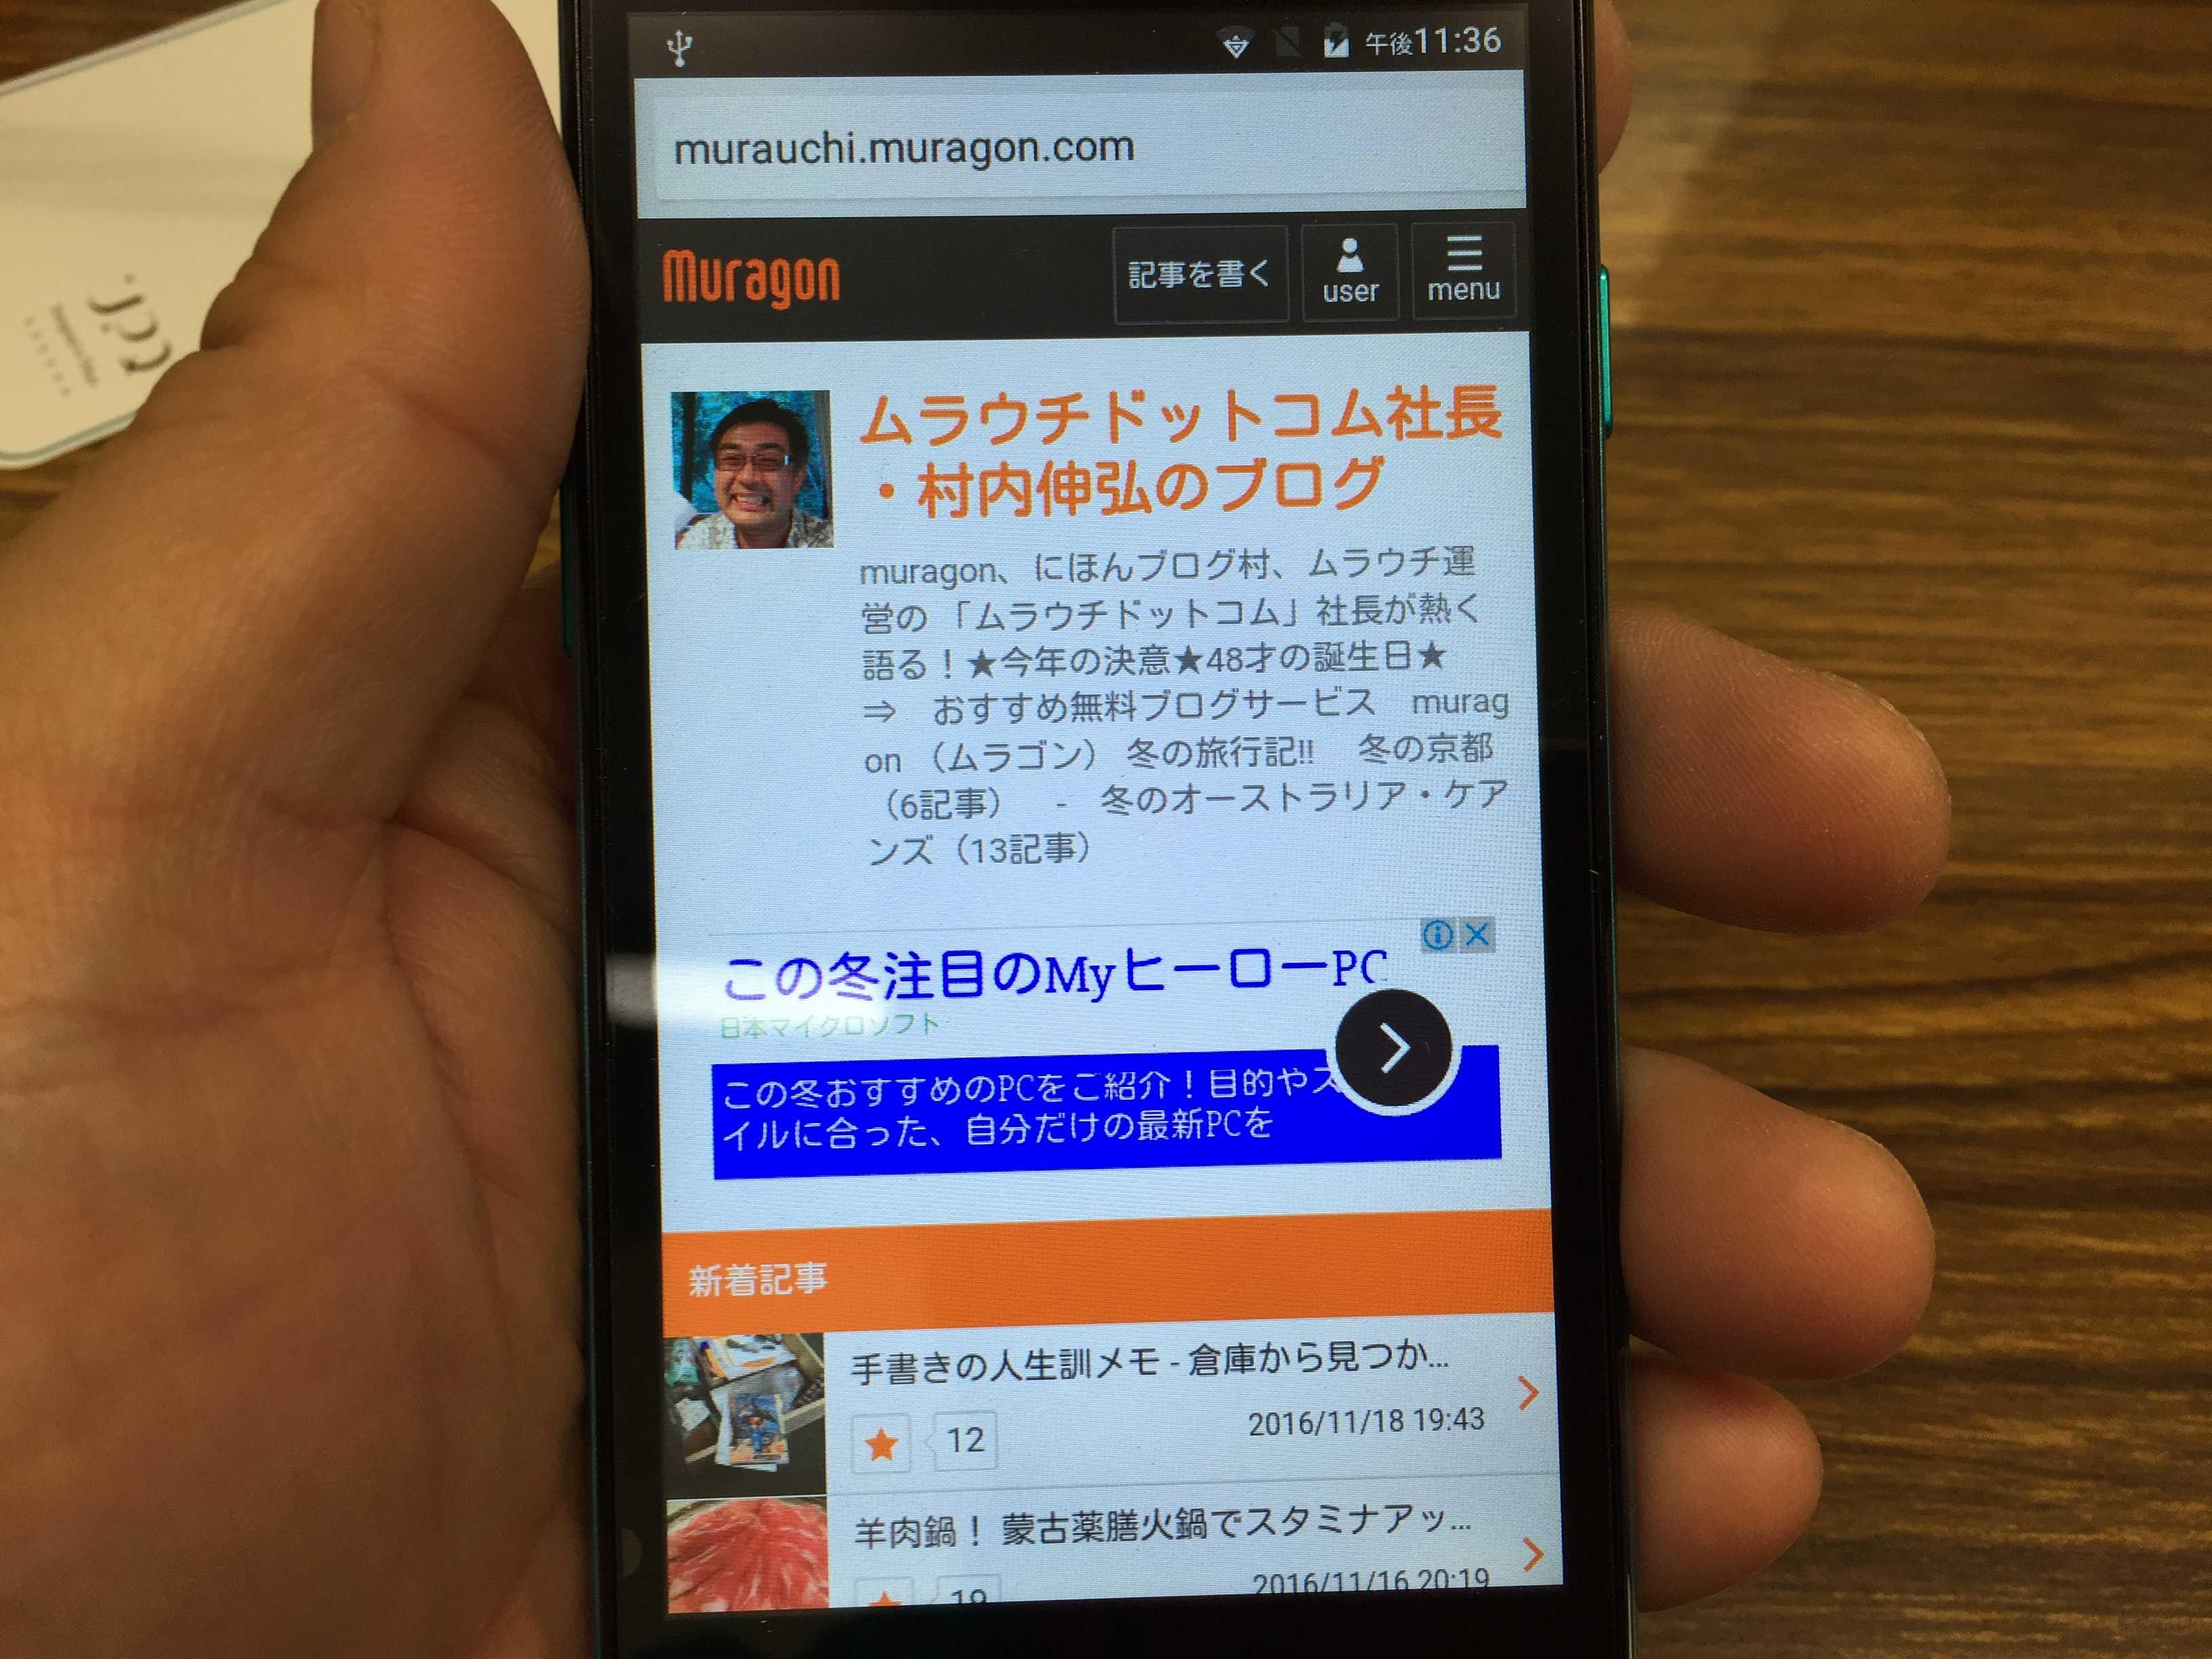 村内伸弘のブログ - muragon(ムラゴン)